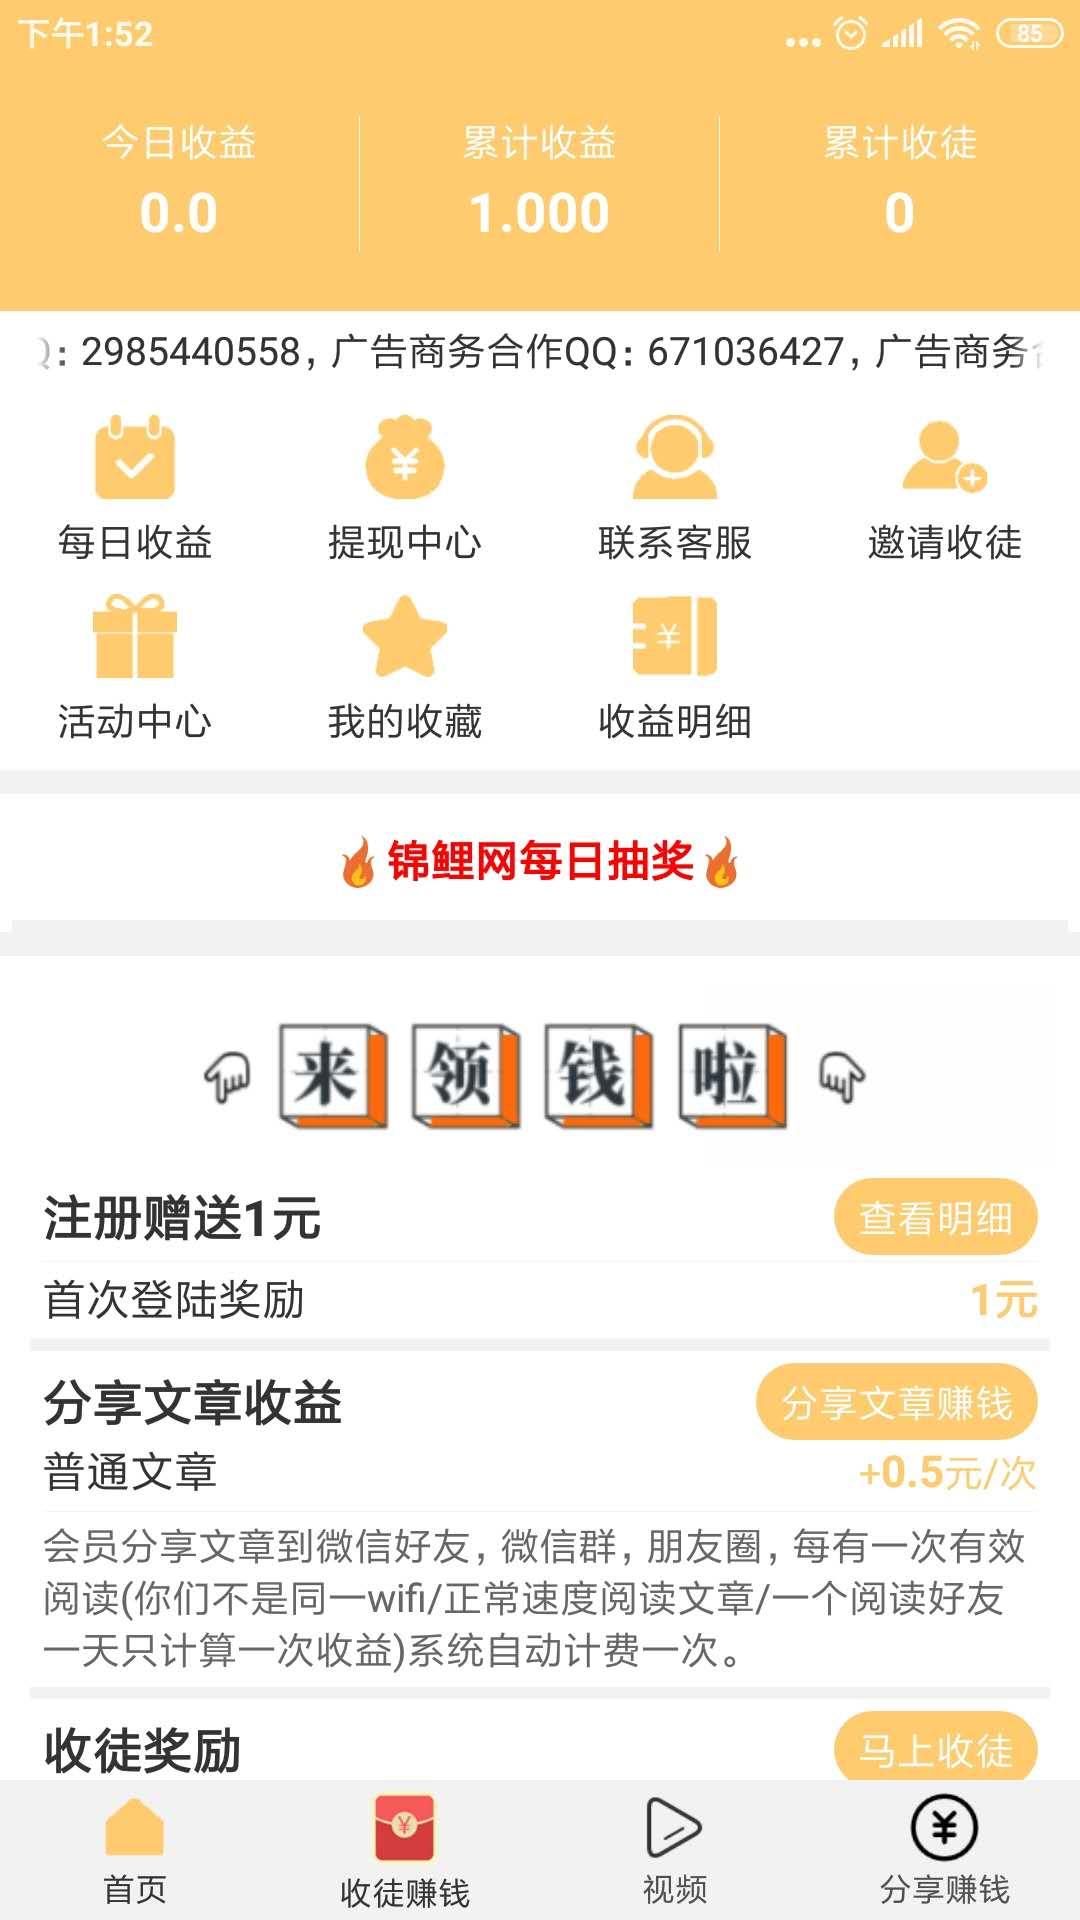 锦鲤网app下载